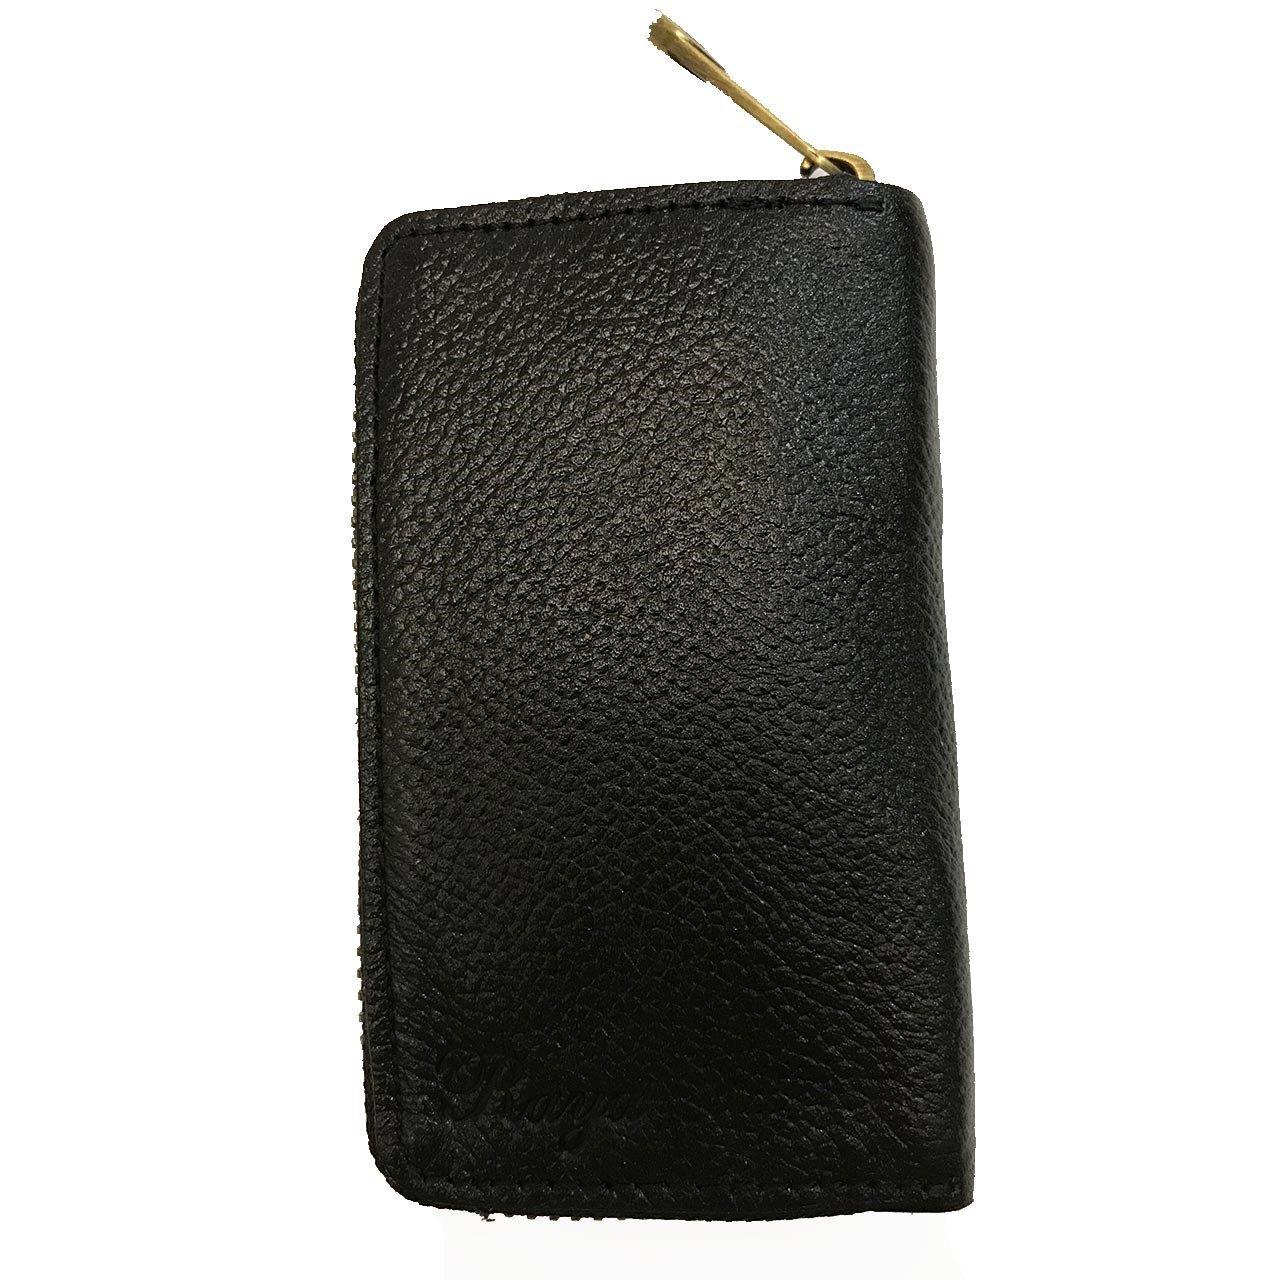 جاسوییچی چرم رایا مدل Zipper -  - 1